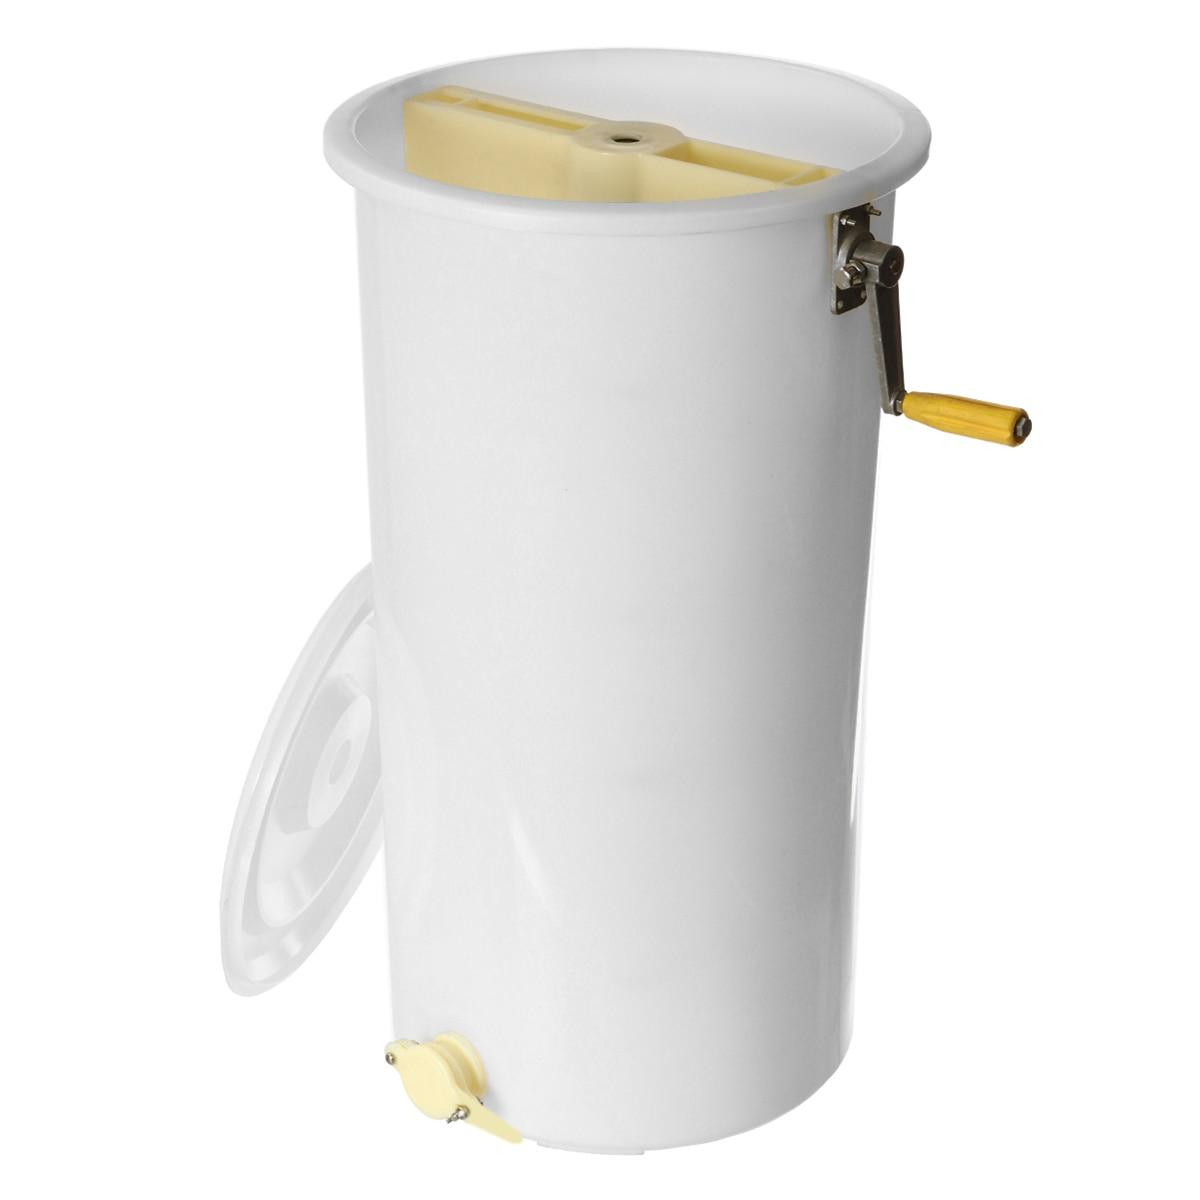 Extracteur de miel deux 2 cadre tangentiel manuel manivelle Spinner apiculture de qualité alimentaire en plastique facile à nettoyer 40x70 cm